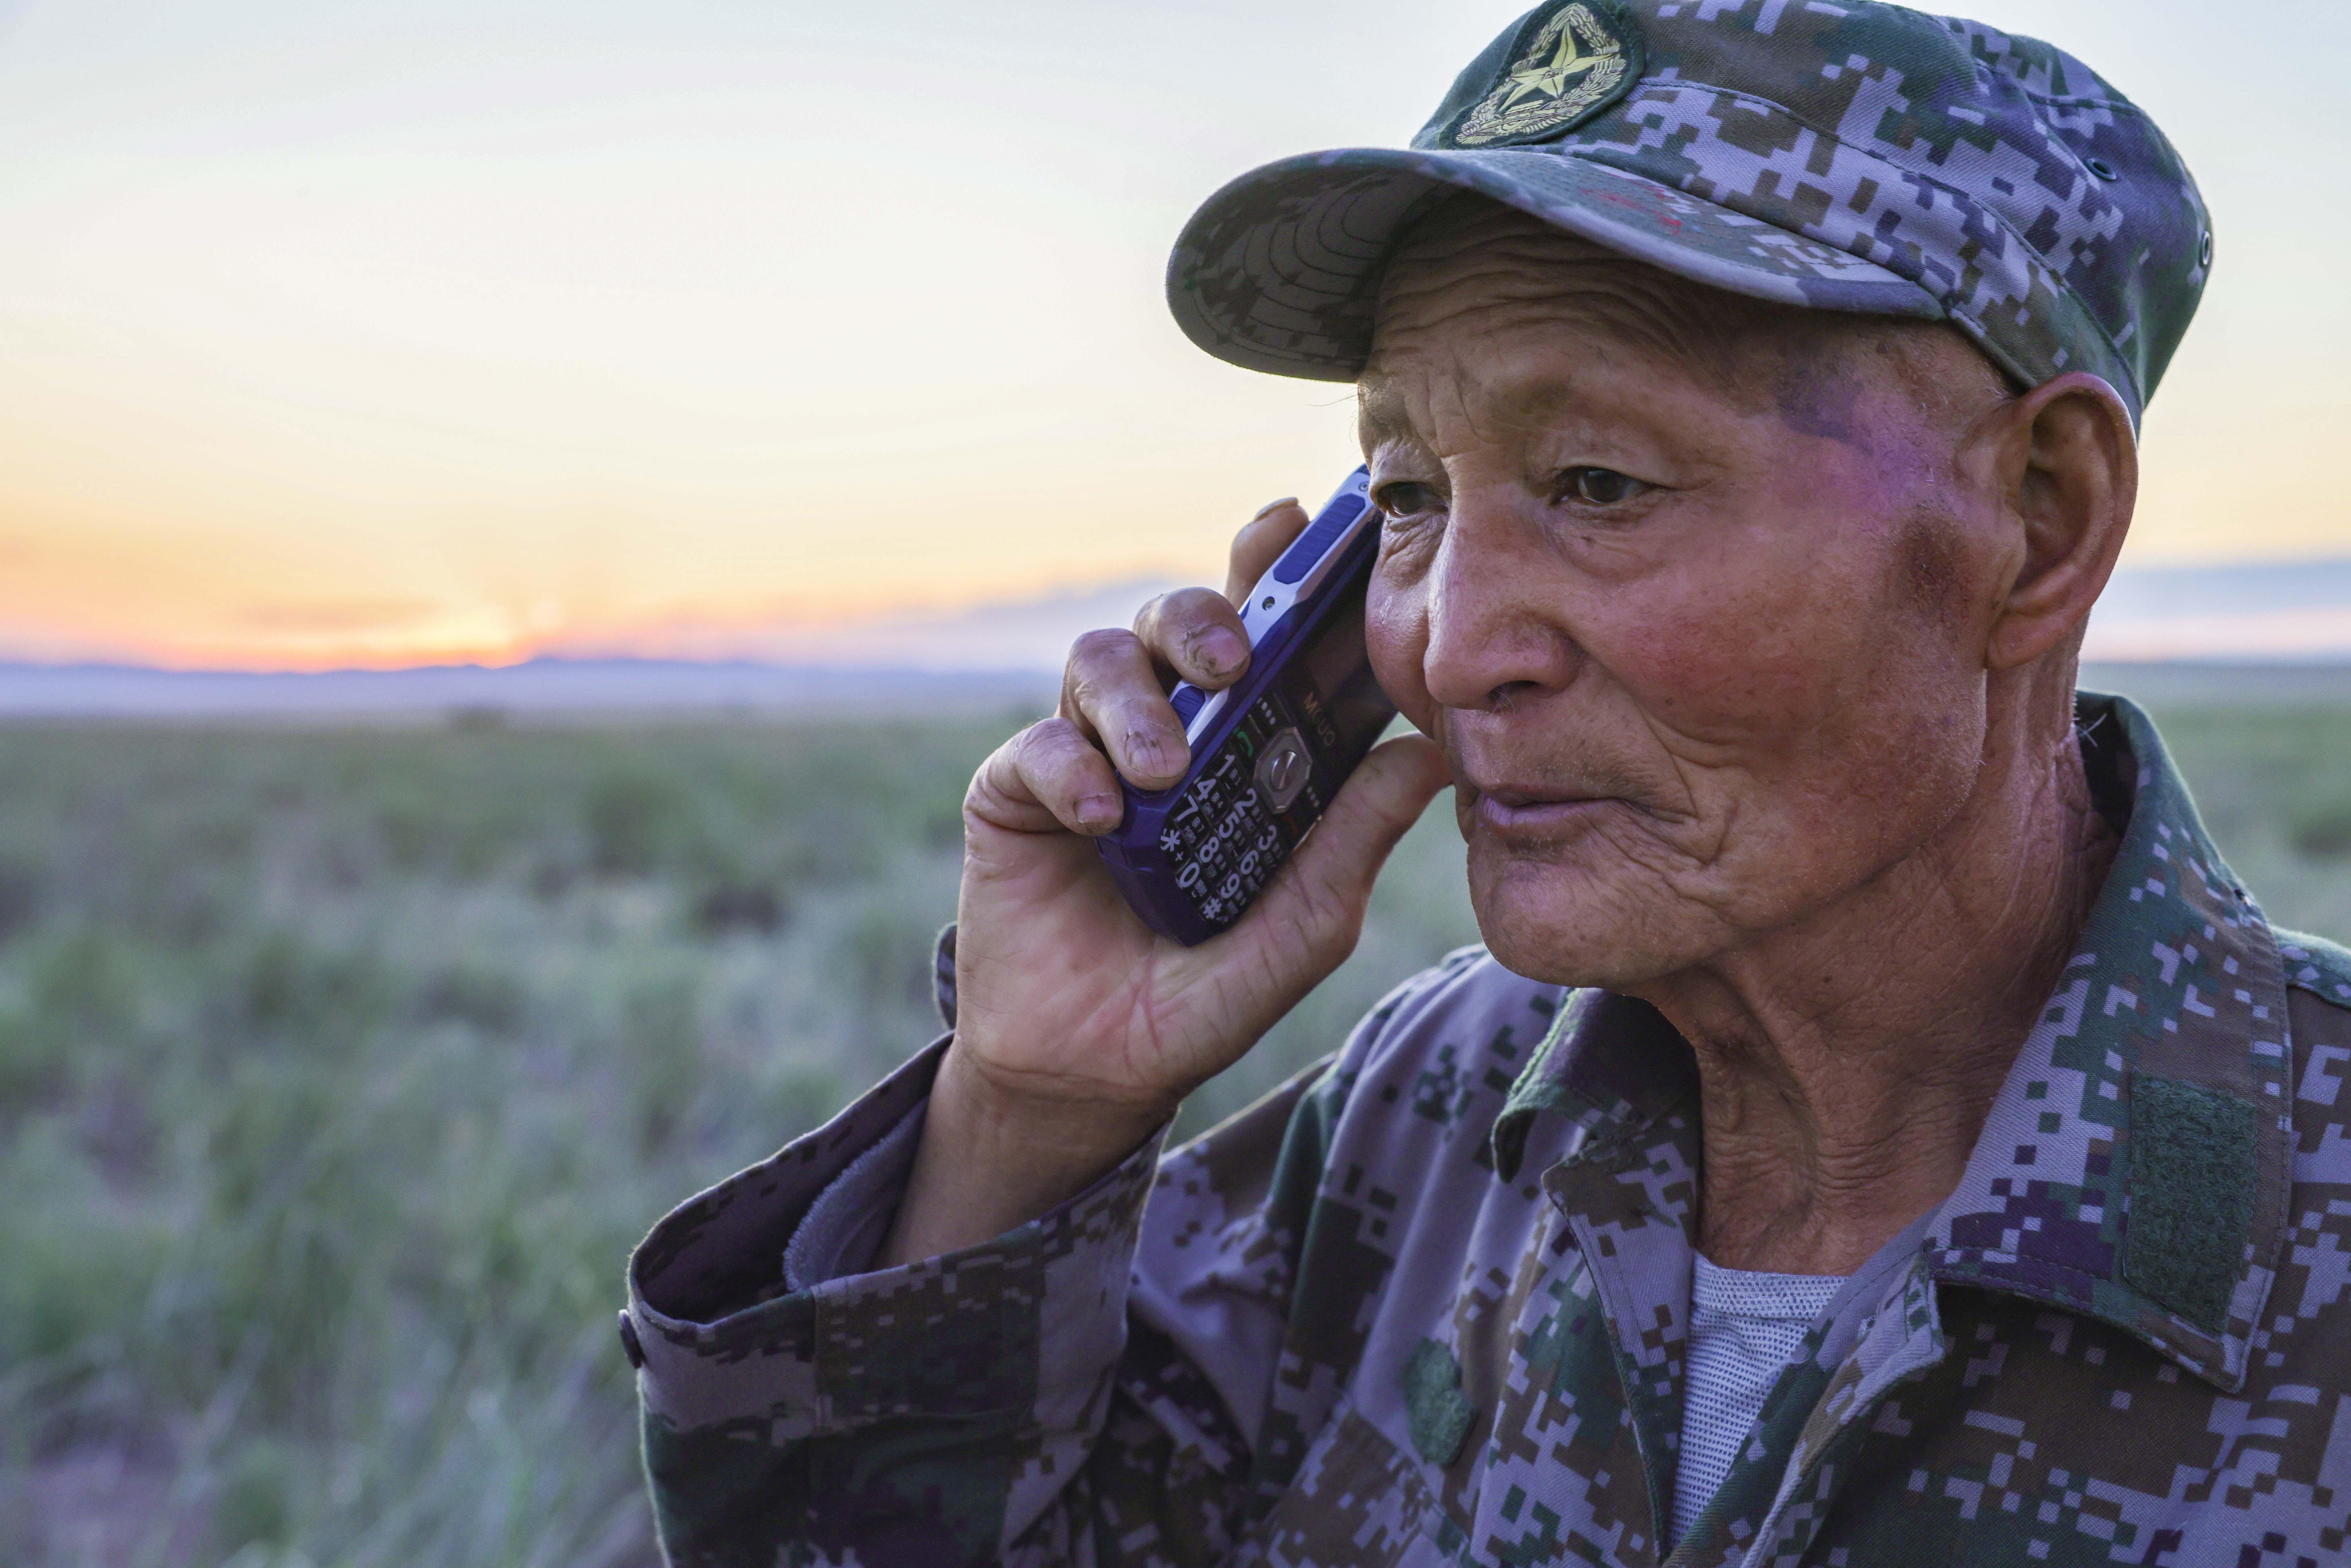 魏德友在放牧赶羊途中用手机和女儿联系(2021年6月8日摄)。新华社记者胡虎虎摄